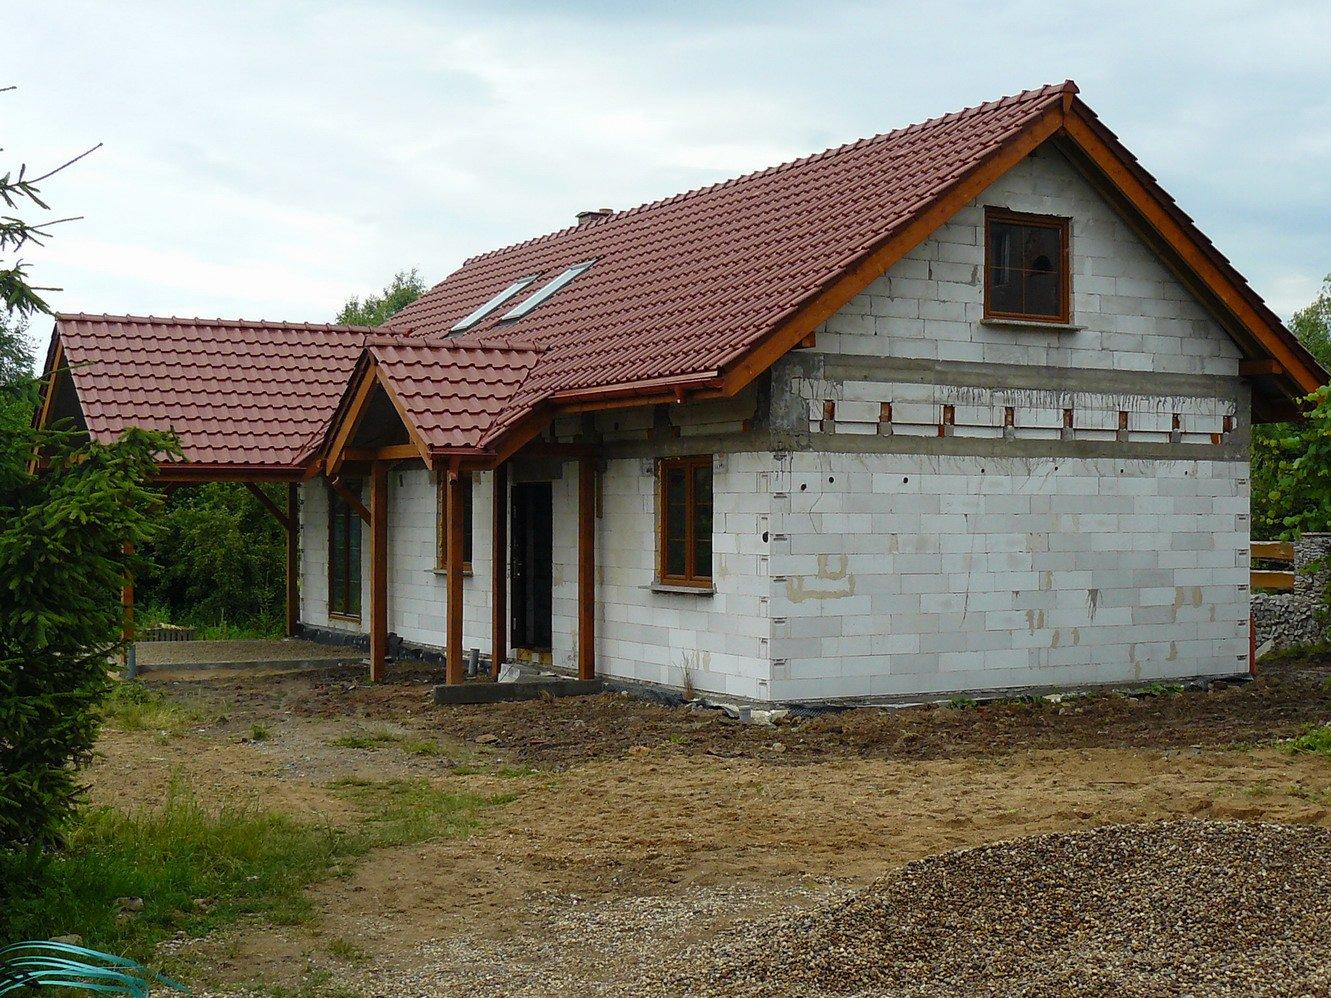 projekt-domu-szczygiel-fot-2-1374828552-uilc4ytm.jpg